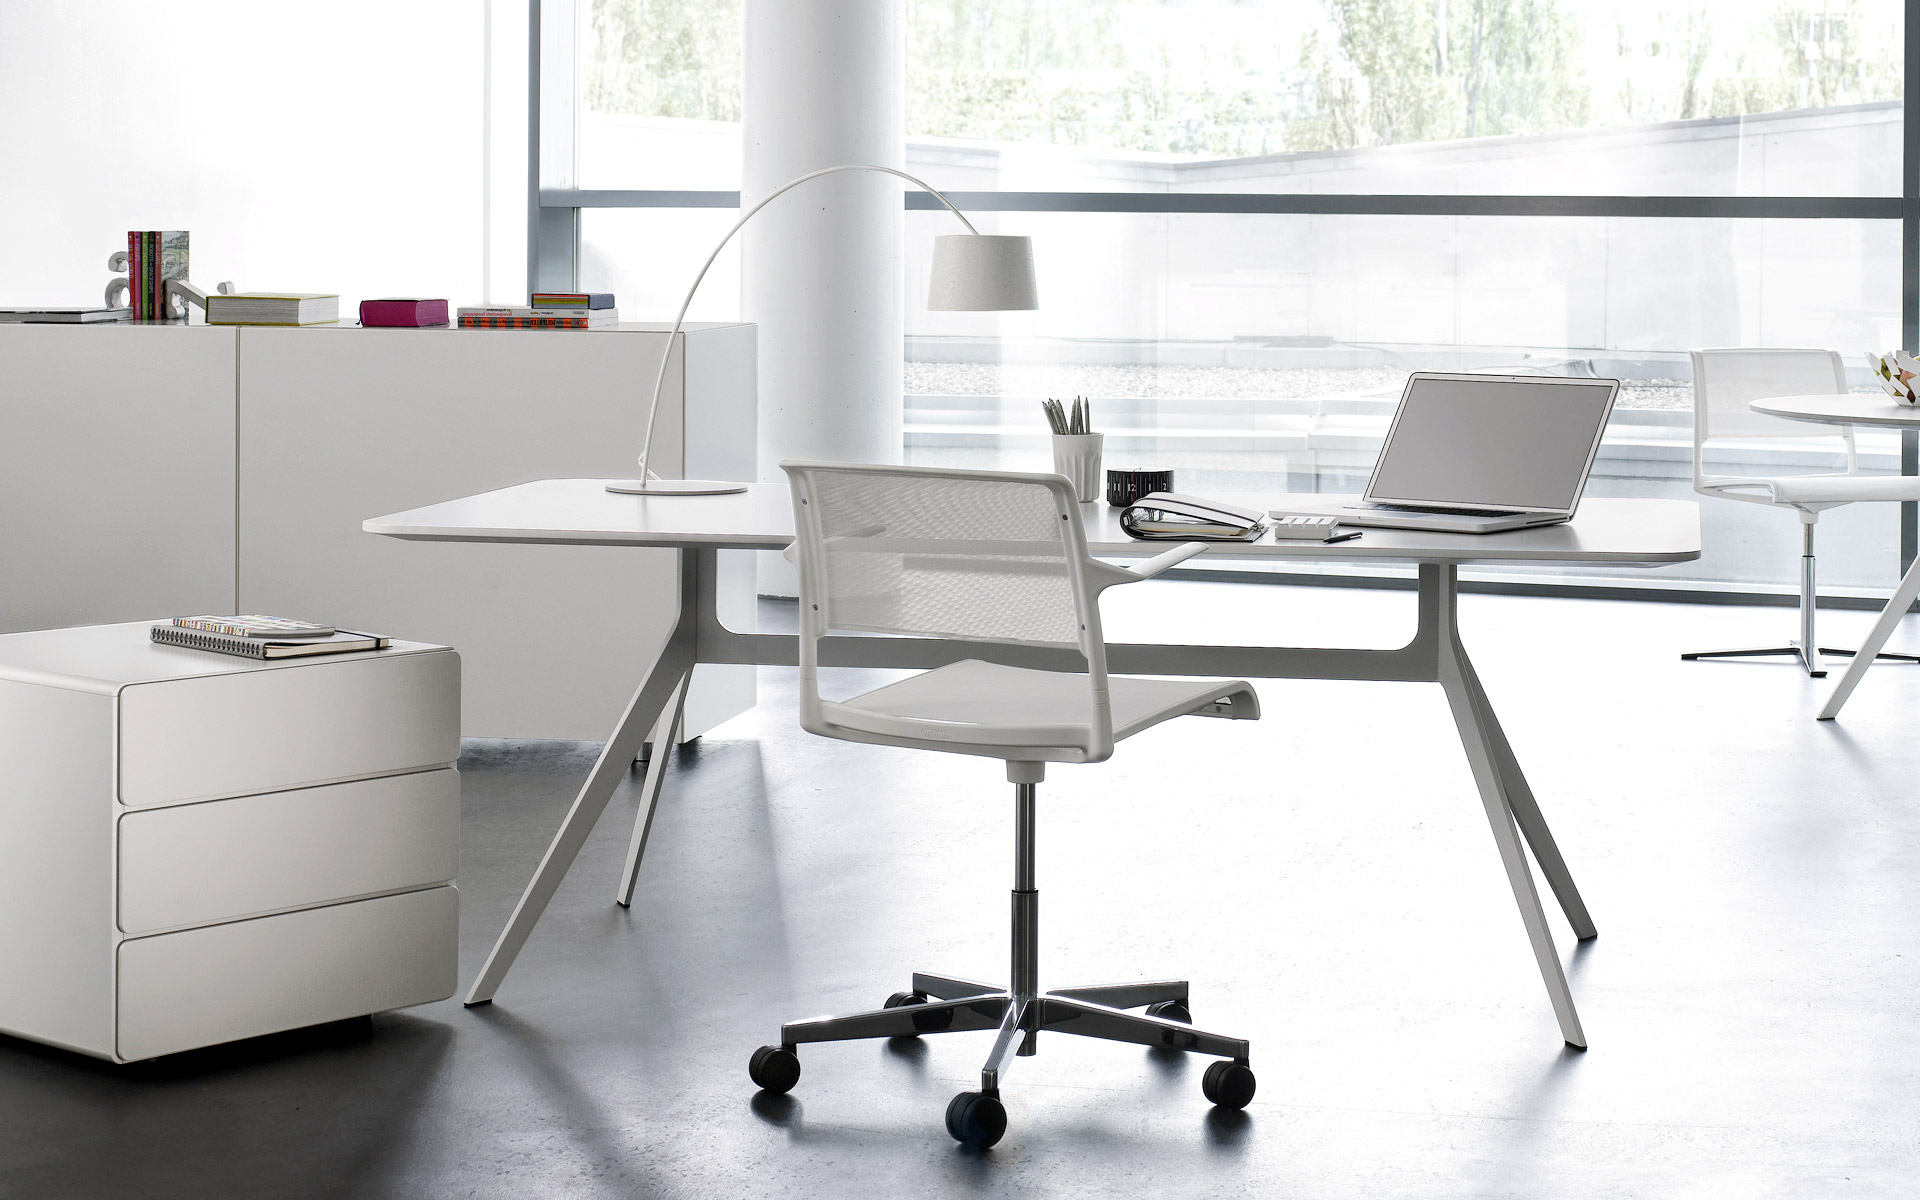 b ro und lebenswelten mit charakter planen und einrichten pro office gmbh. Black Bedroom Furniture Sets. Home Design Ideas